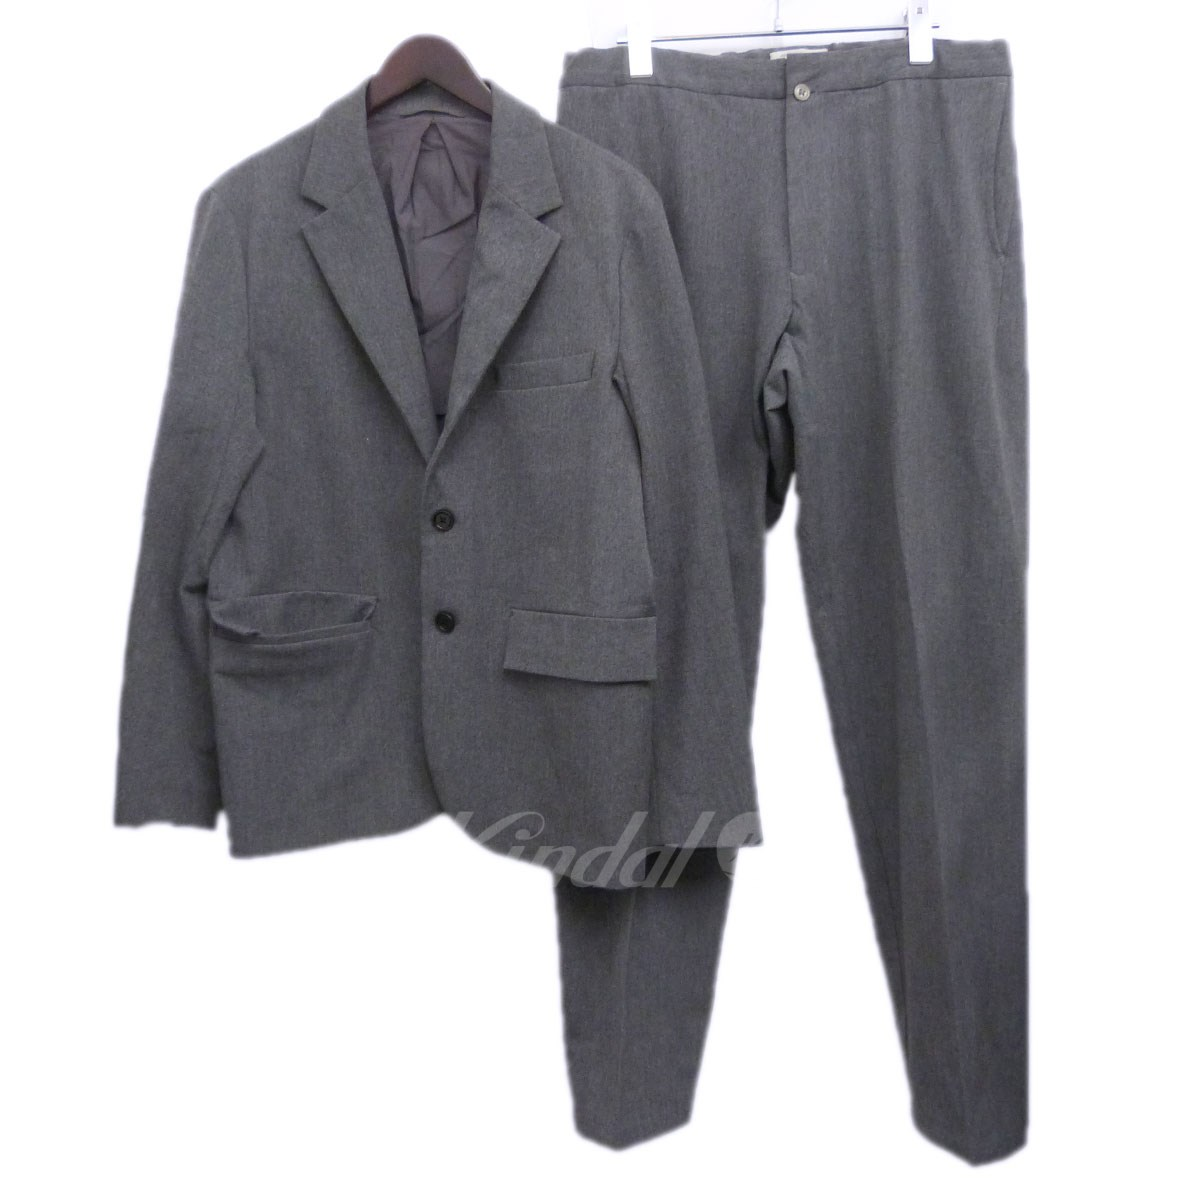 【中古】YAECA ERGONOMIC セットアップスーツ グレー サイズ:L/L 【送料無料】 【011118】(ヤエカ エルゴノミック)